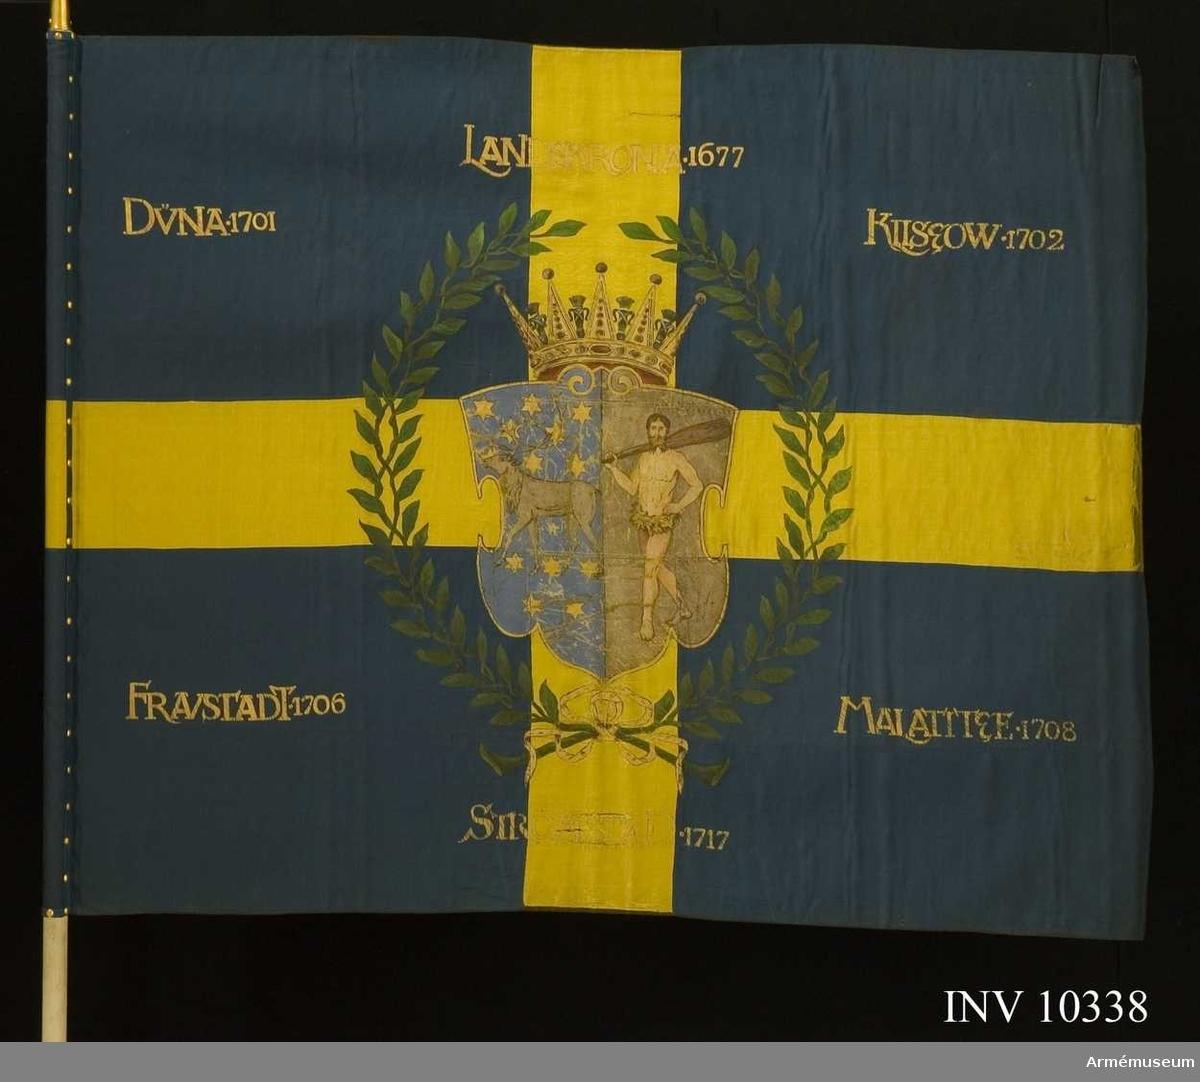 Grupp B I.  Ej kravatt och spets vid fanan.Mörkblå sidenbotten med gult kors. Sköld med vildmannen i ena halvan, renen i den andra. Skölden omgiven av en lagerkrans. Segernamnen rakställda. Ingraverat på doppskon: Kongl.  Vesterbottens regemente.  Go 3596 TLB nr 79 1951.  Samhörande: Spets med Oscar II:s namnchiffer, kravatt, blått yllefodral.